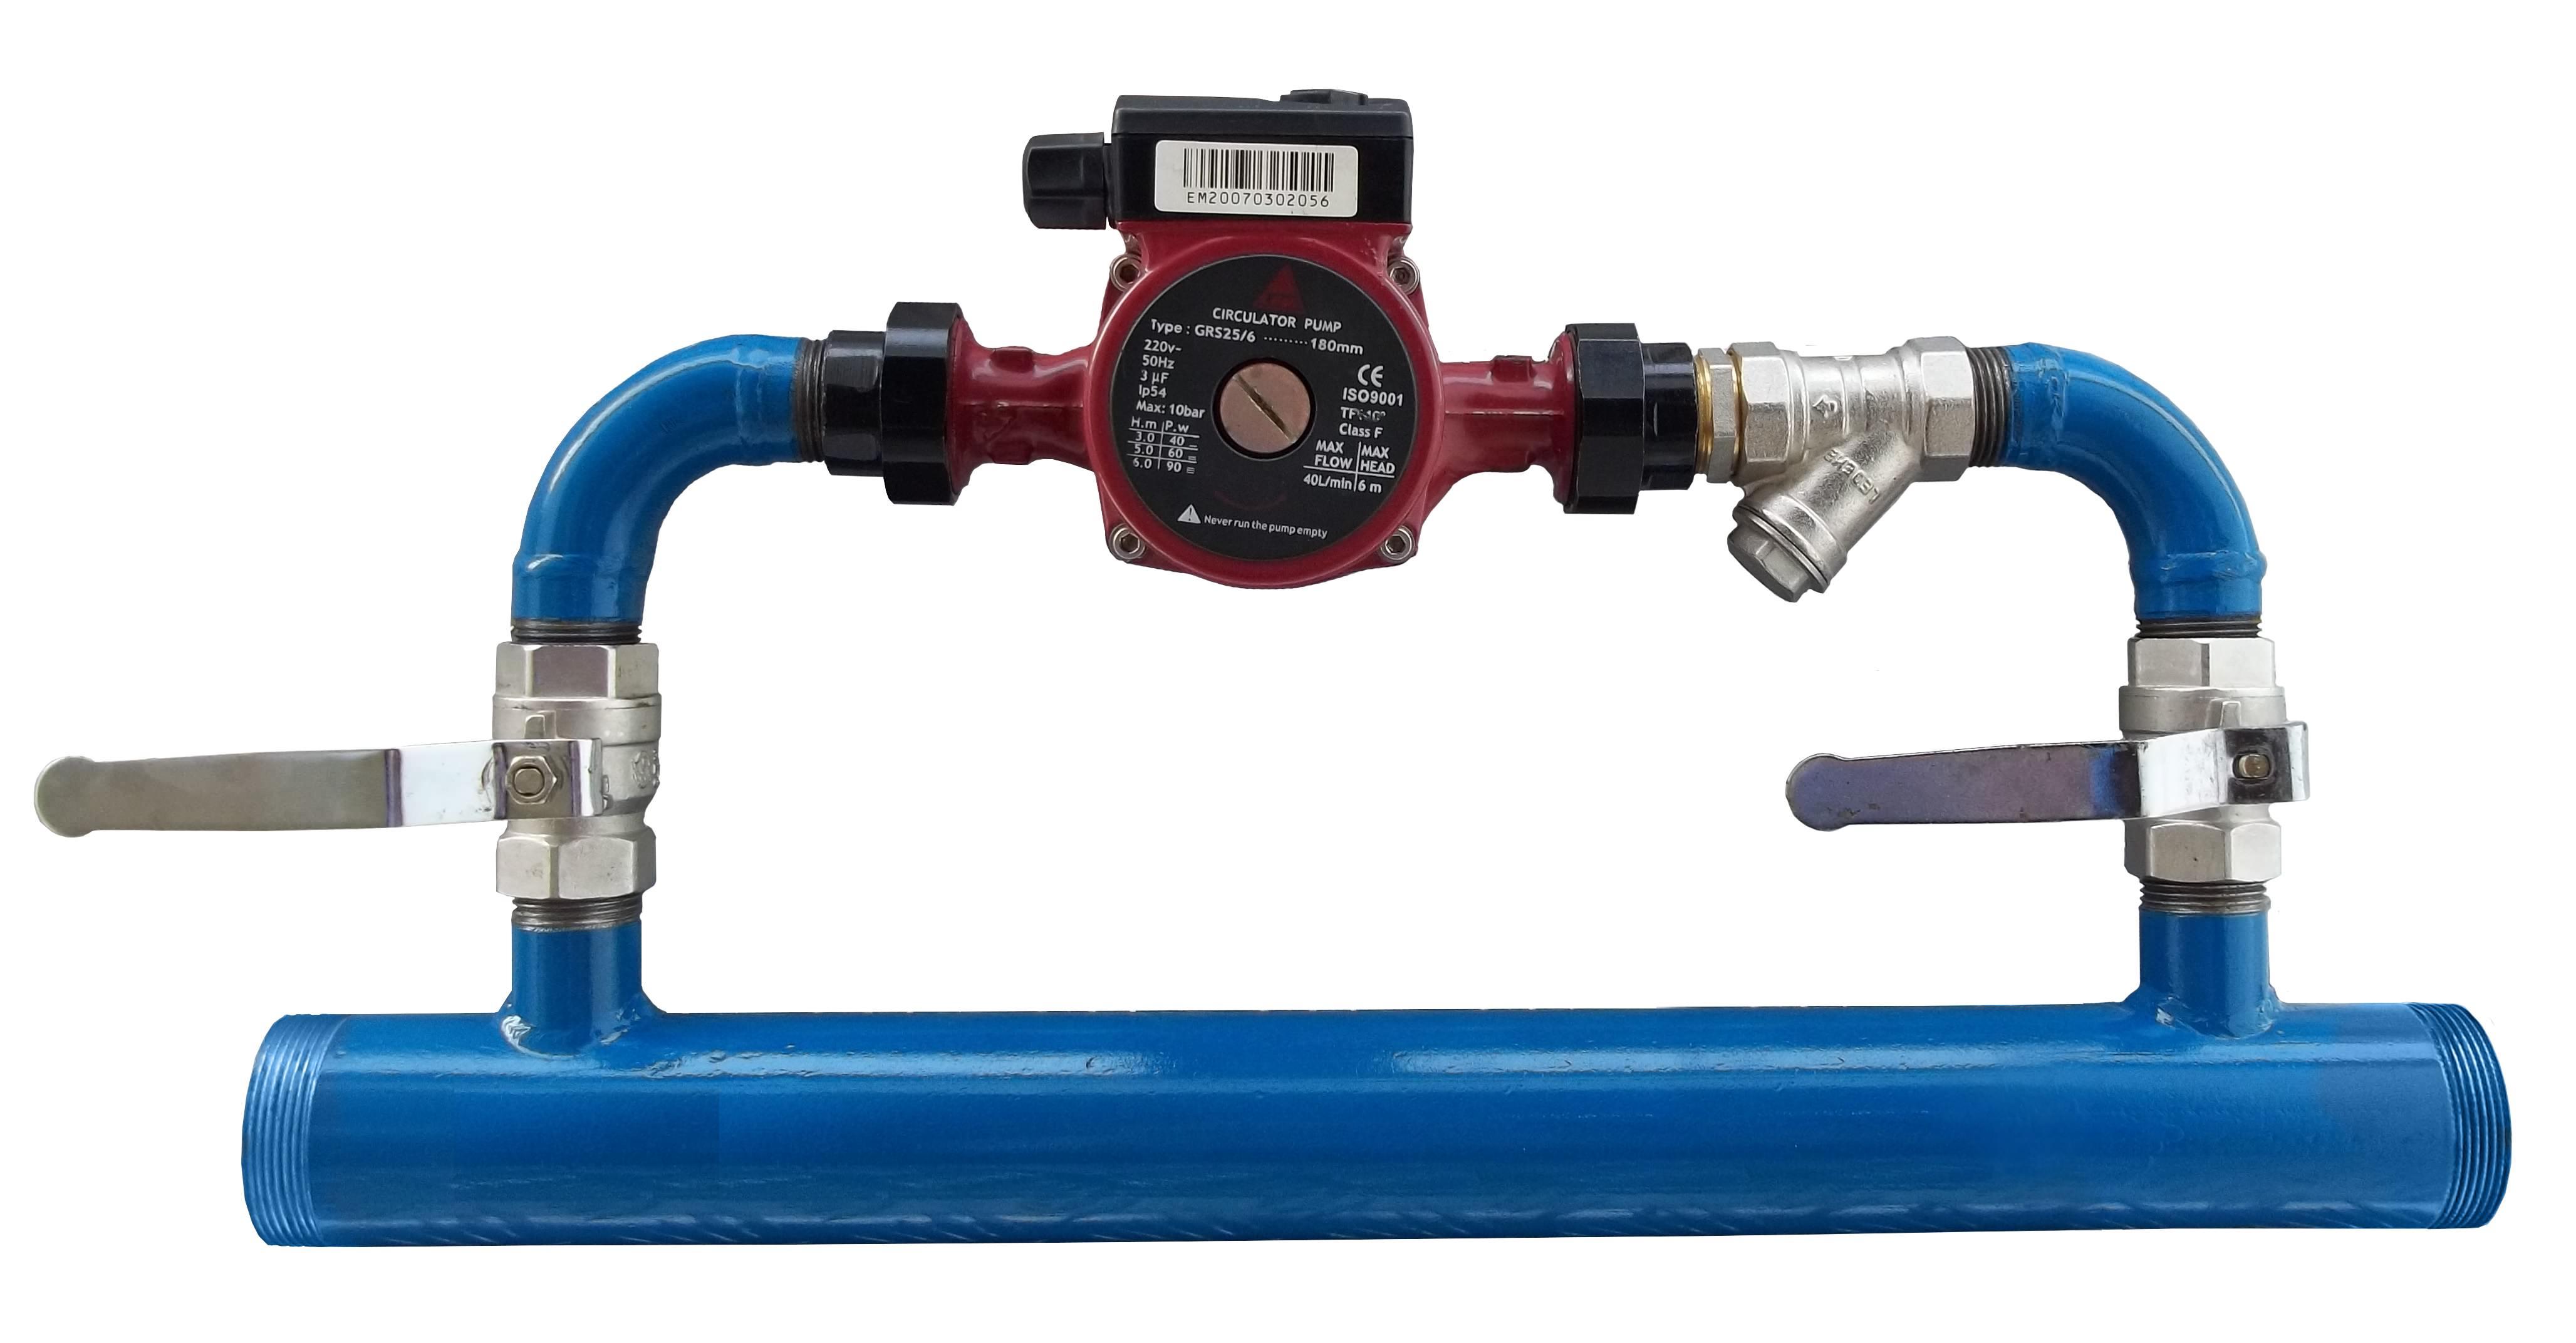 Игольчатый кран: видео-инструкция по монтажу своими руками, особенности изделий для отопления, для отбора ректификата, из нержавейки, чертежи, цена, фото